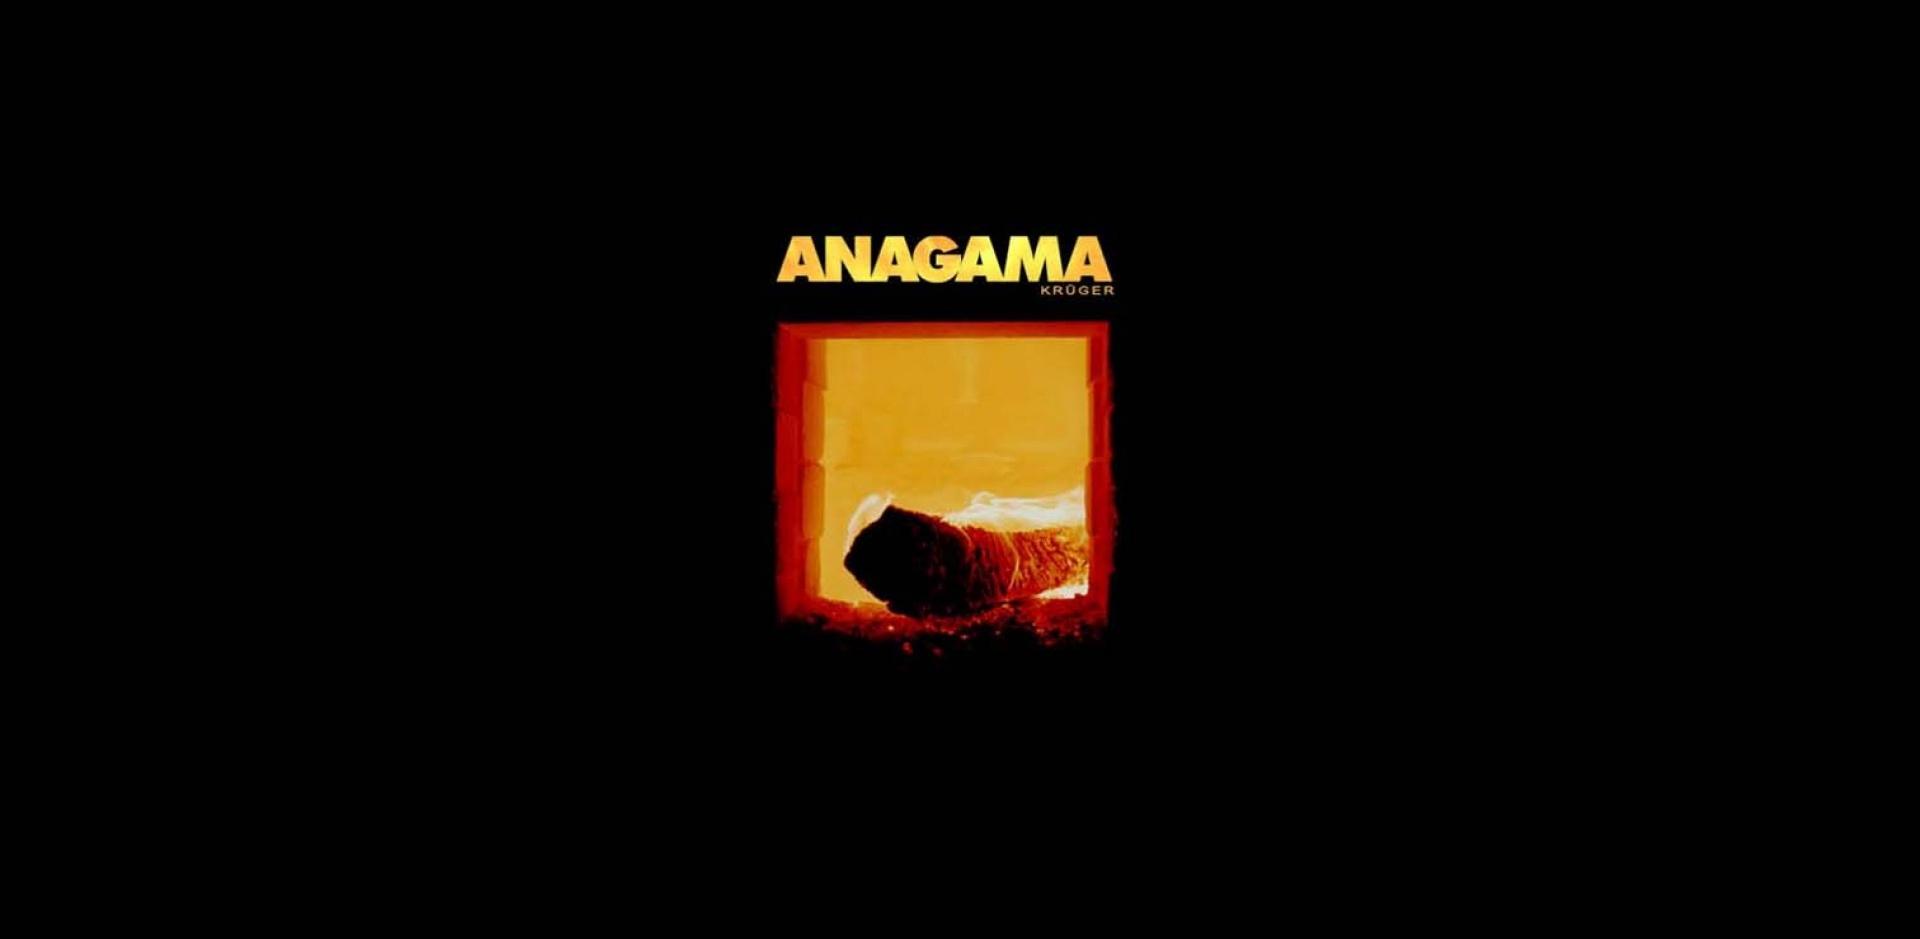 ANAGAMA-KRüGER